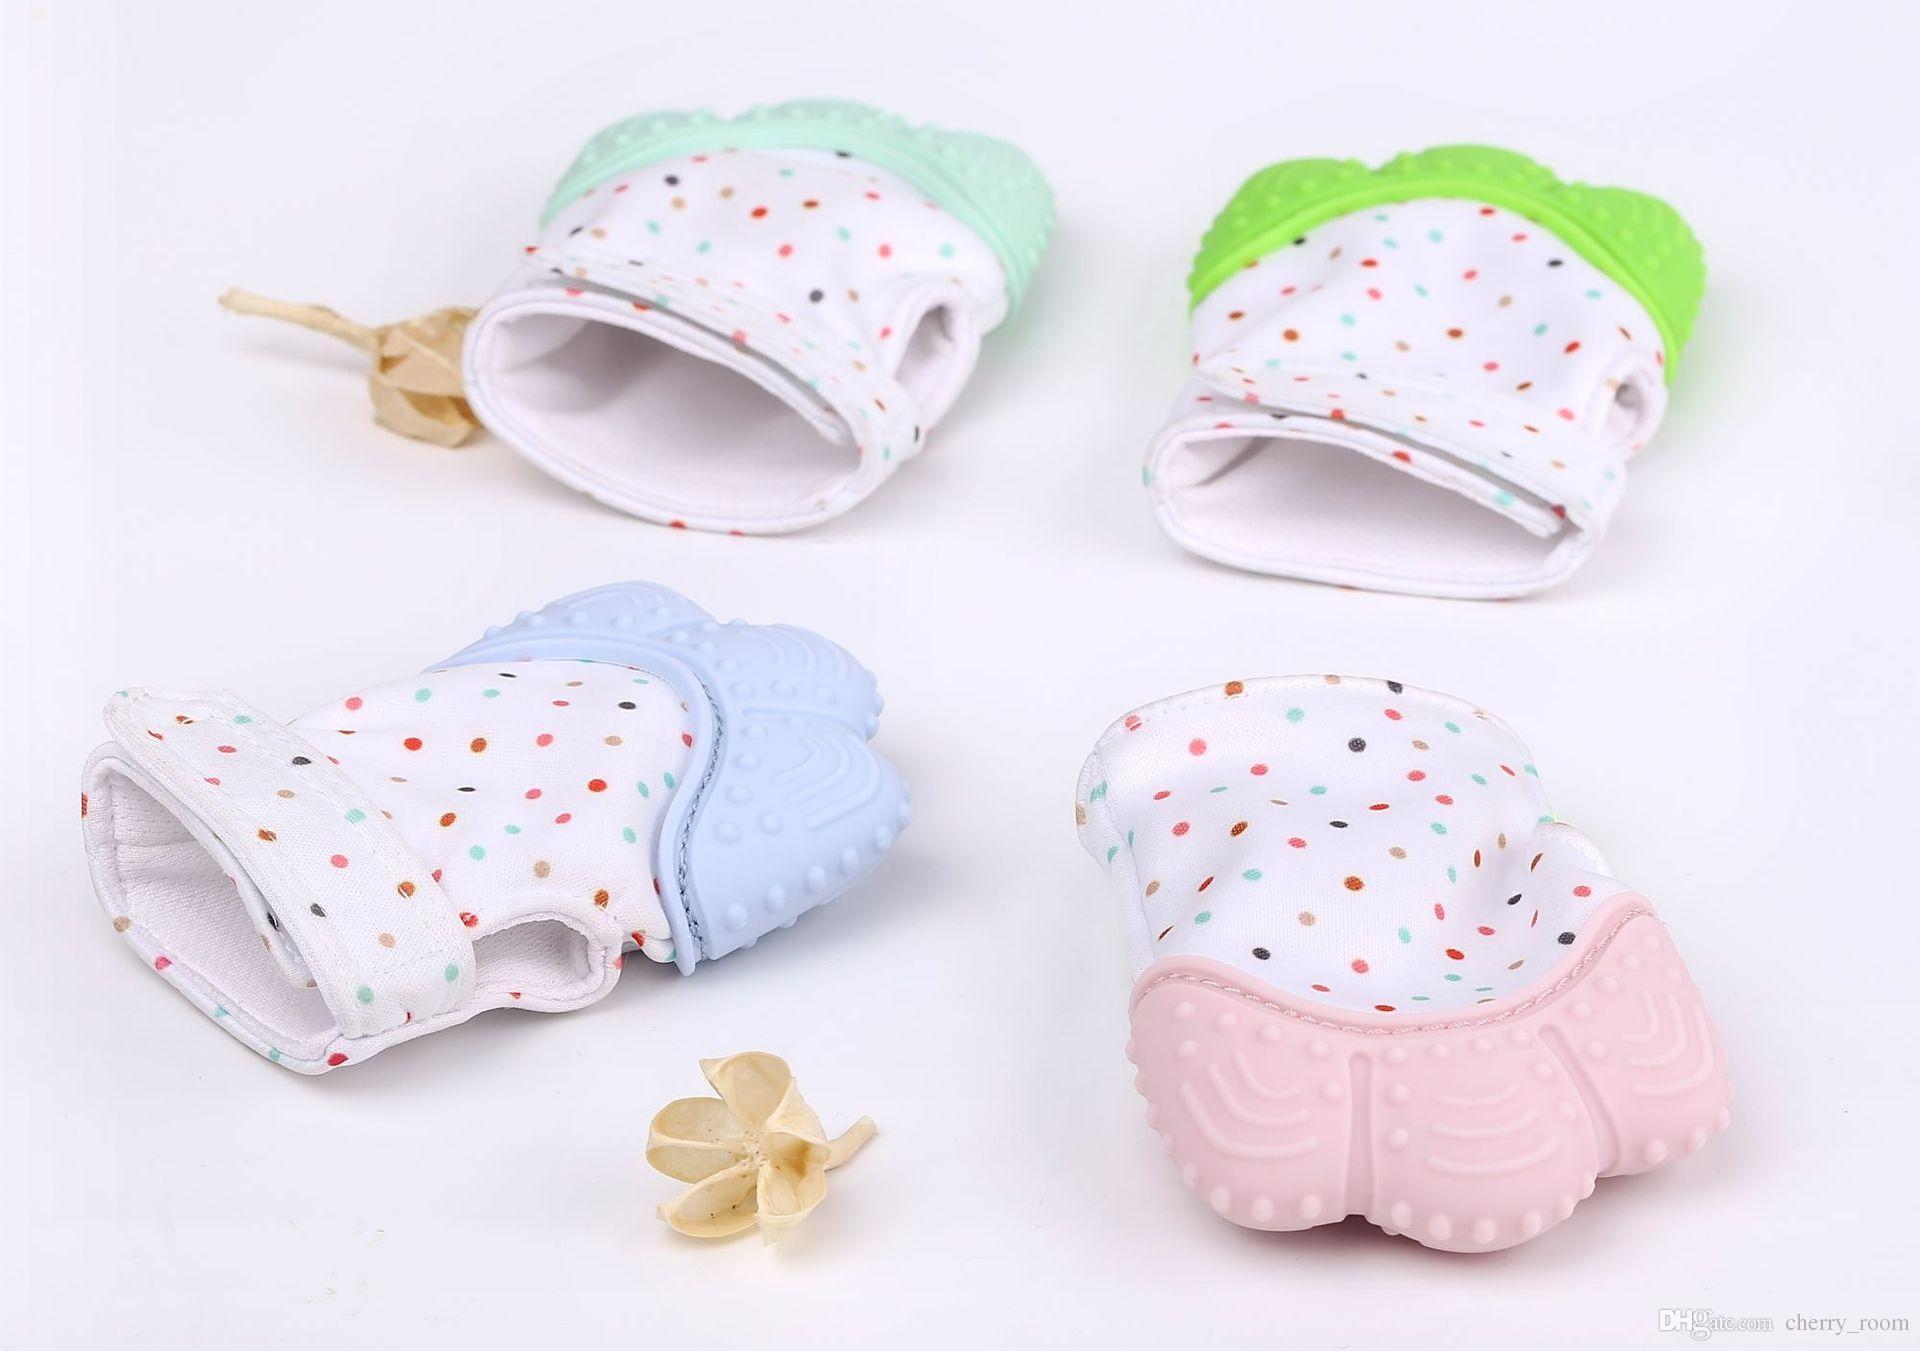 سيليكون الطفل قفازات التسنين القفاز القفاز التسنين مضغ الوليد التمريض عضاضة الخرز الرضع BPA الصوت الحر حلقات التسنين هدية عيد الميلاد A8235